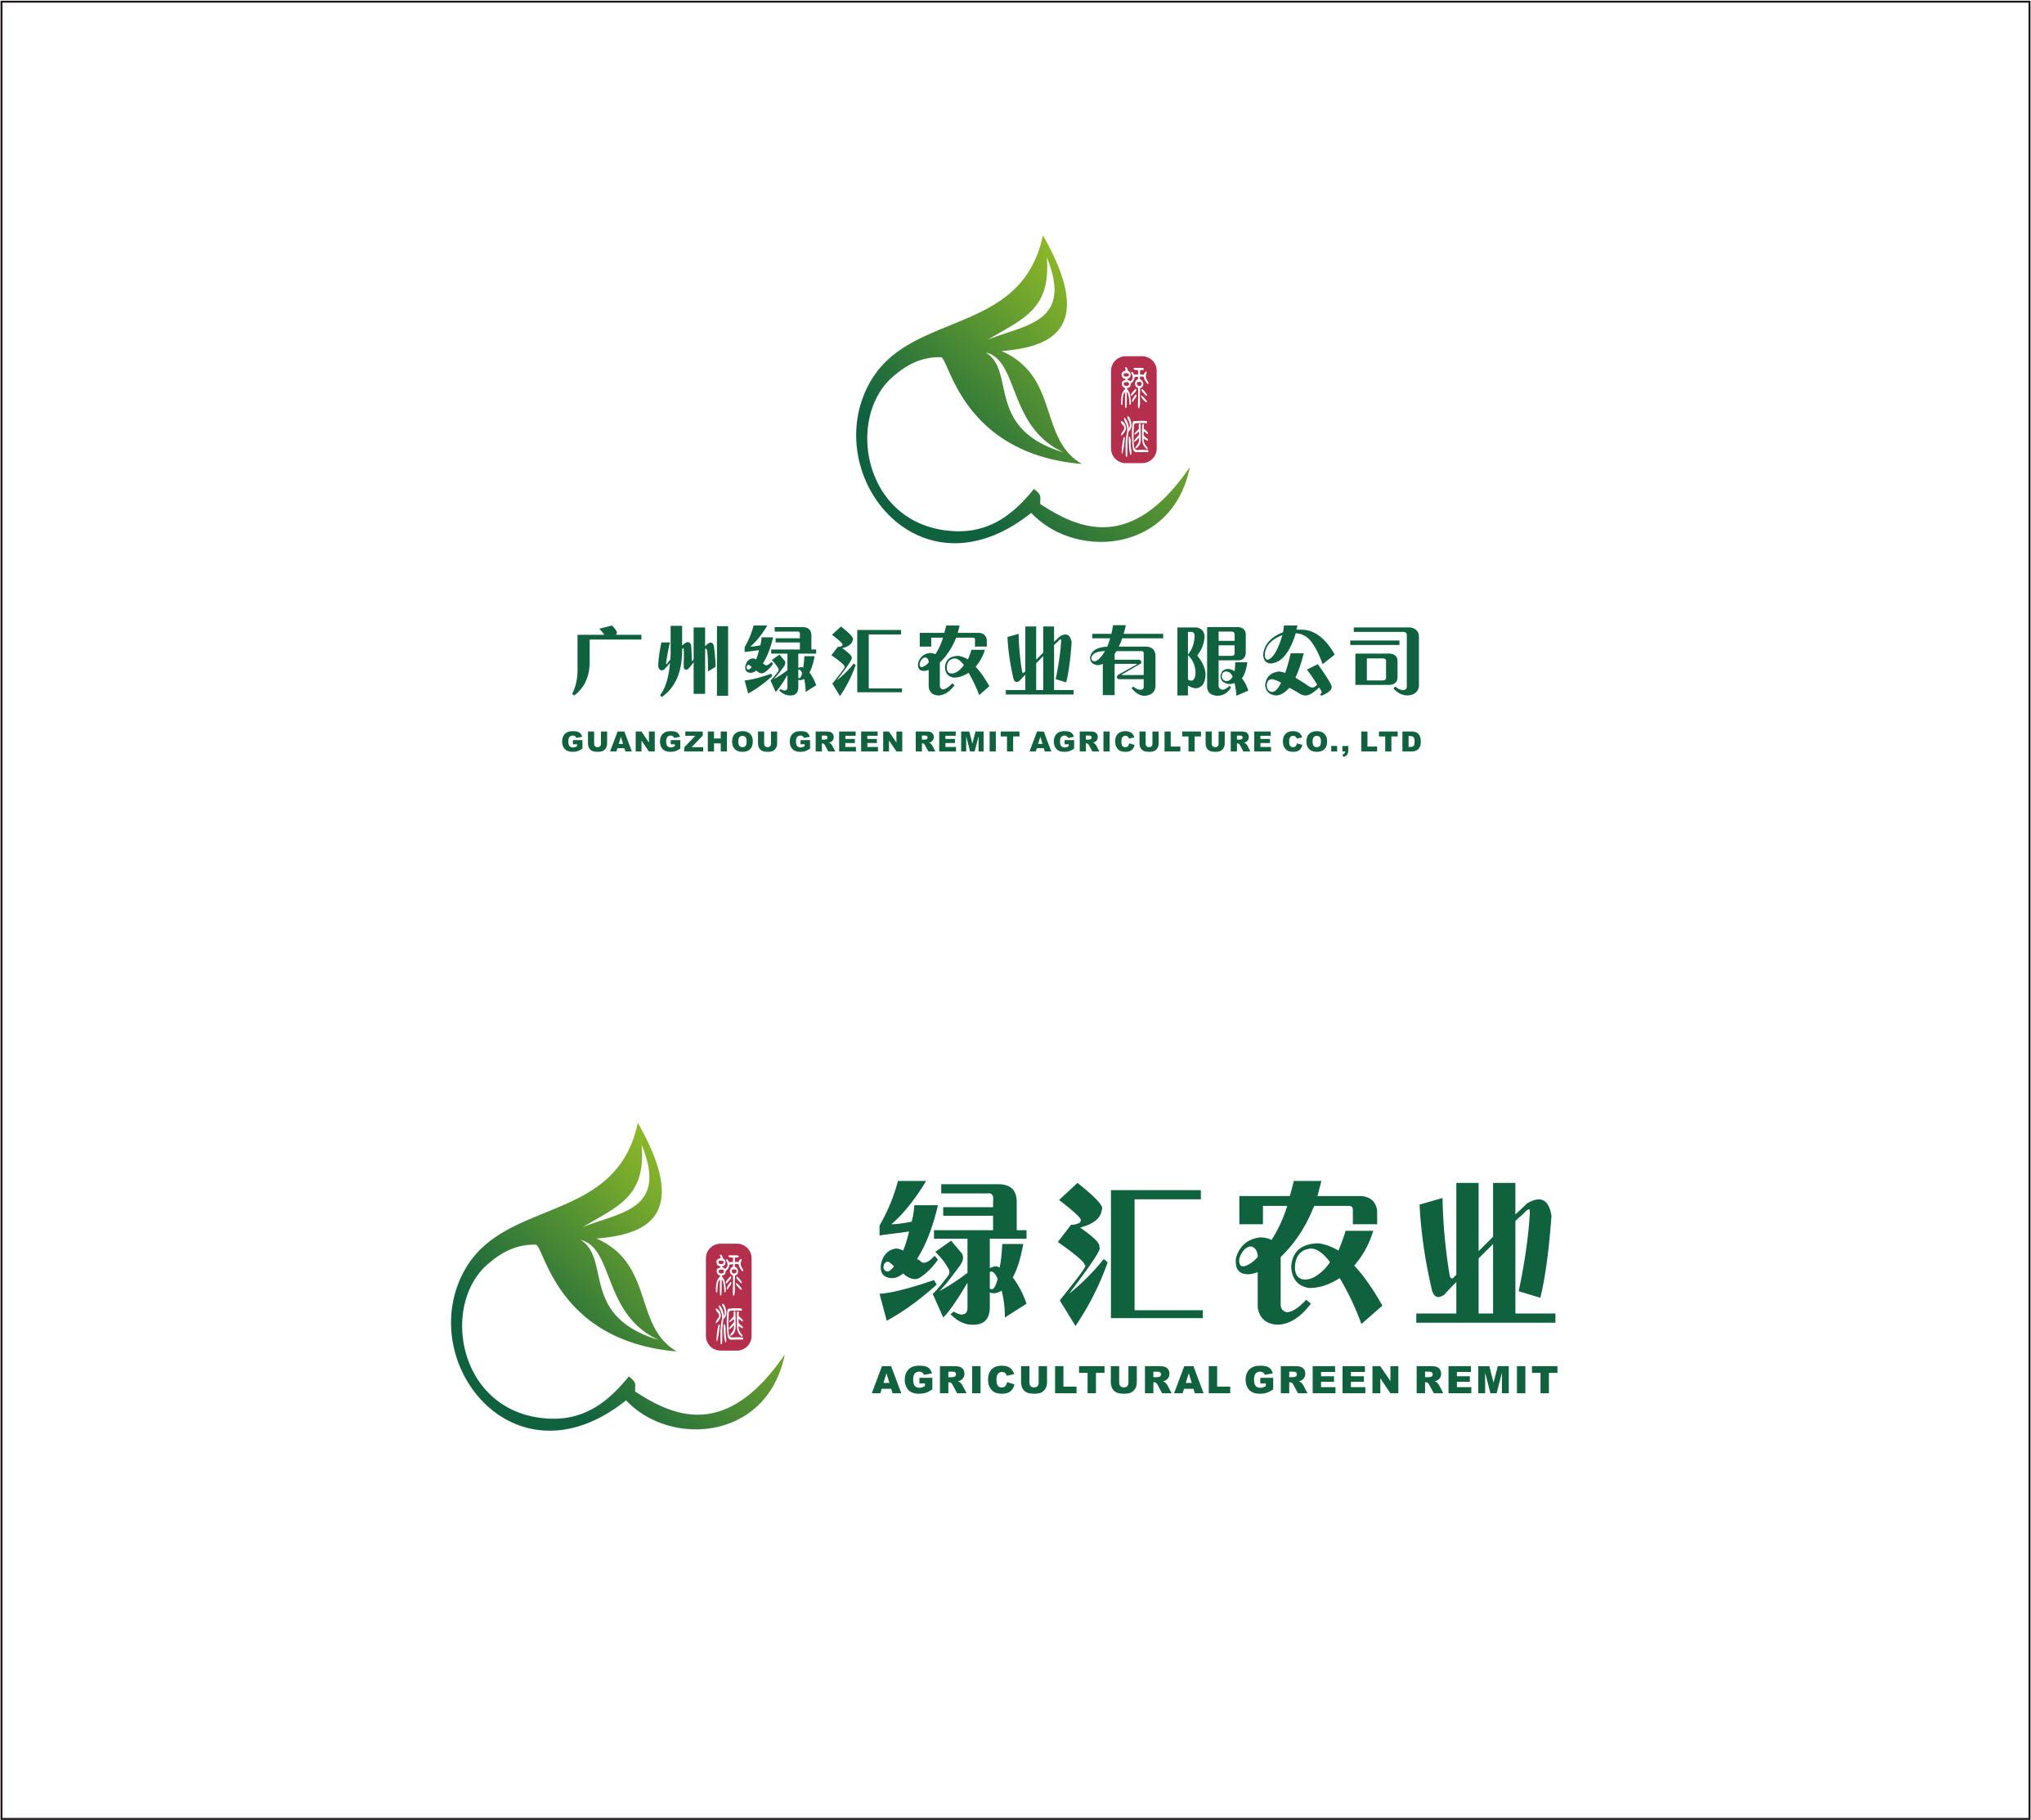 公司名称:广州绿汇农业有限公司 LOGO设计 产品要有想像力,生动,简洁为主 LOGO概念,公司已出品养生食品为主(铁皮石斛,辣木粉等一系列名贵药材) 产品设计LOGO 名片 包装, 礼品袋等一些产品附画